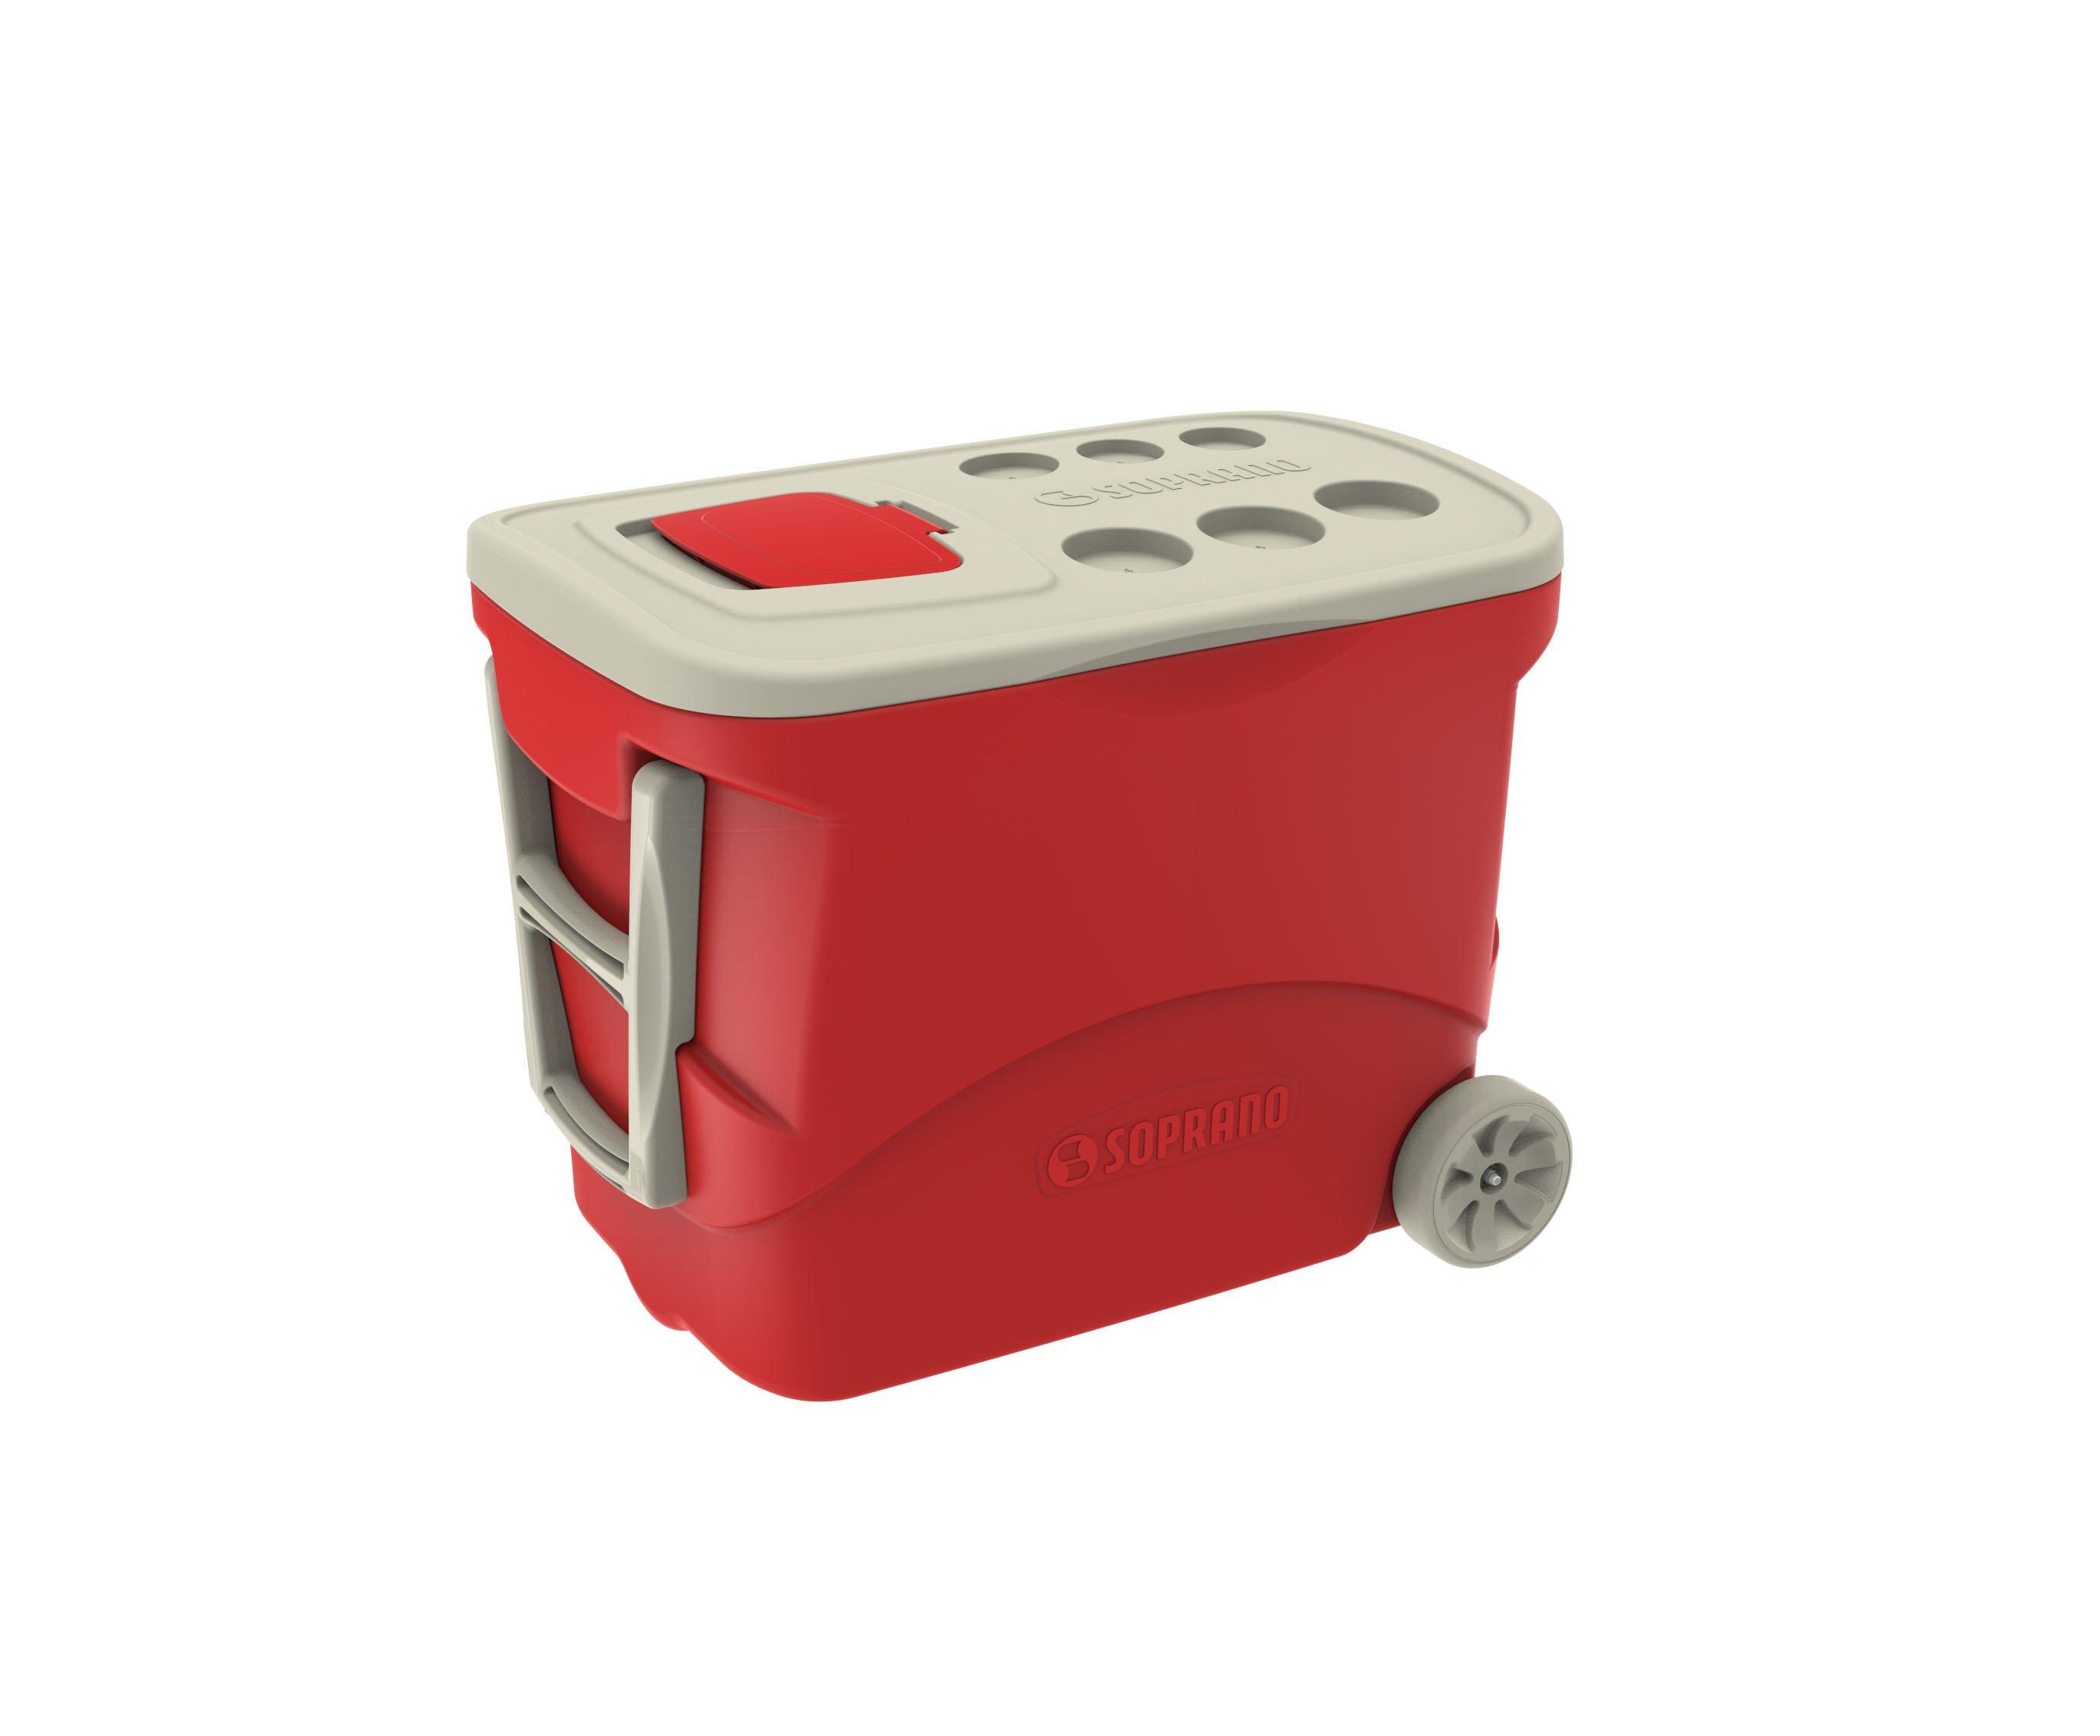 Caixa Termica Tropical C/ Rodas 50l Vermelha - Soprano